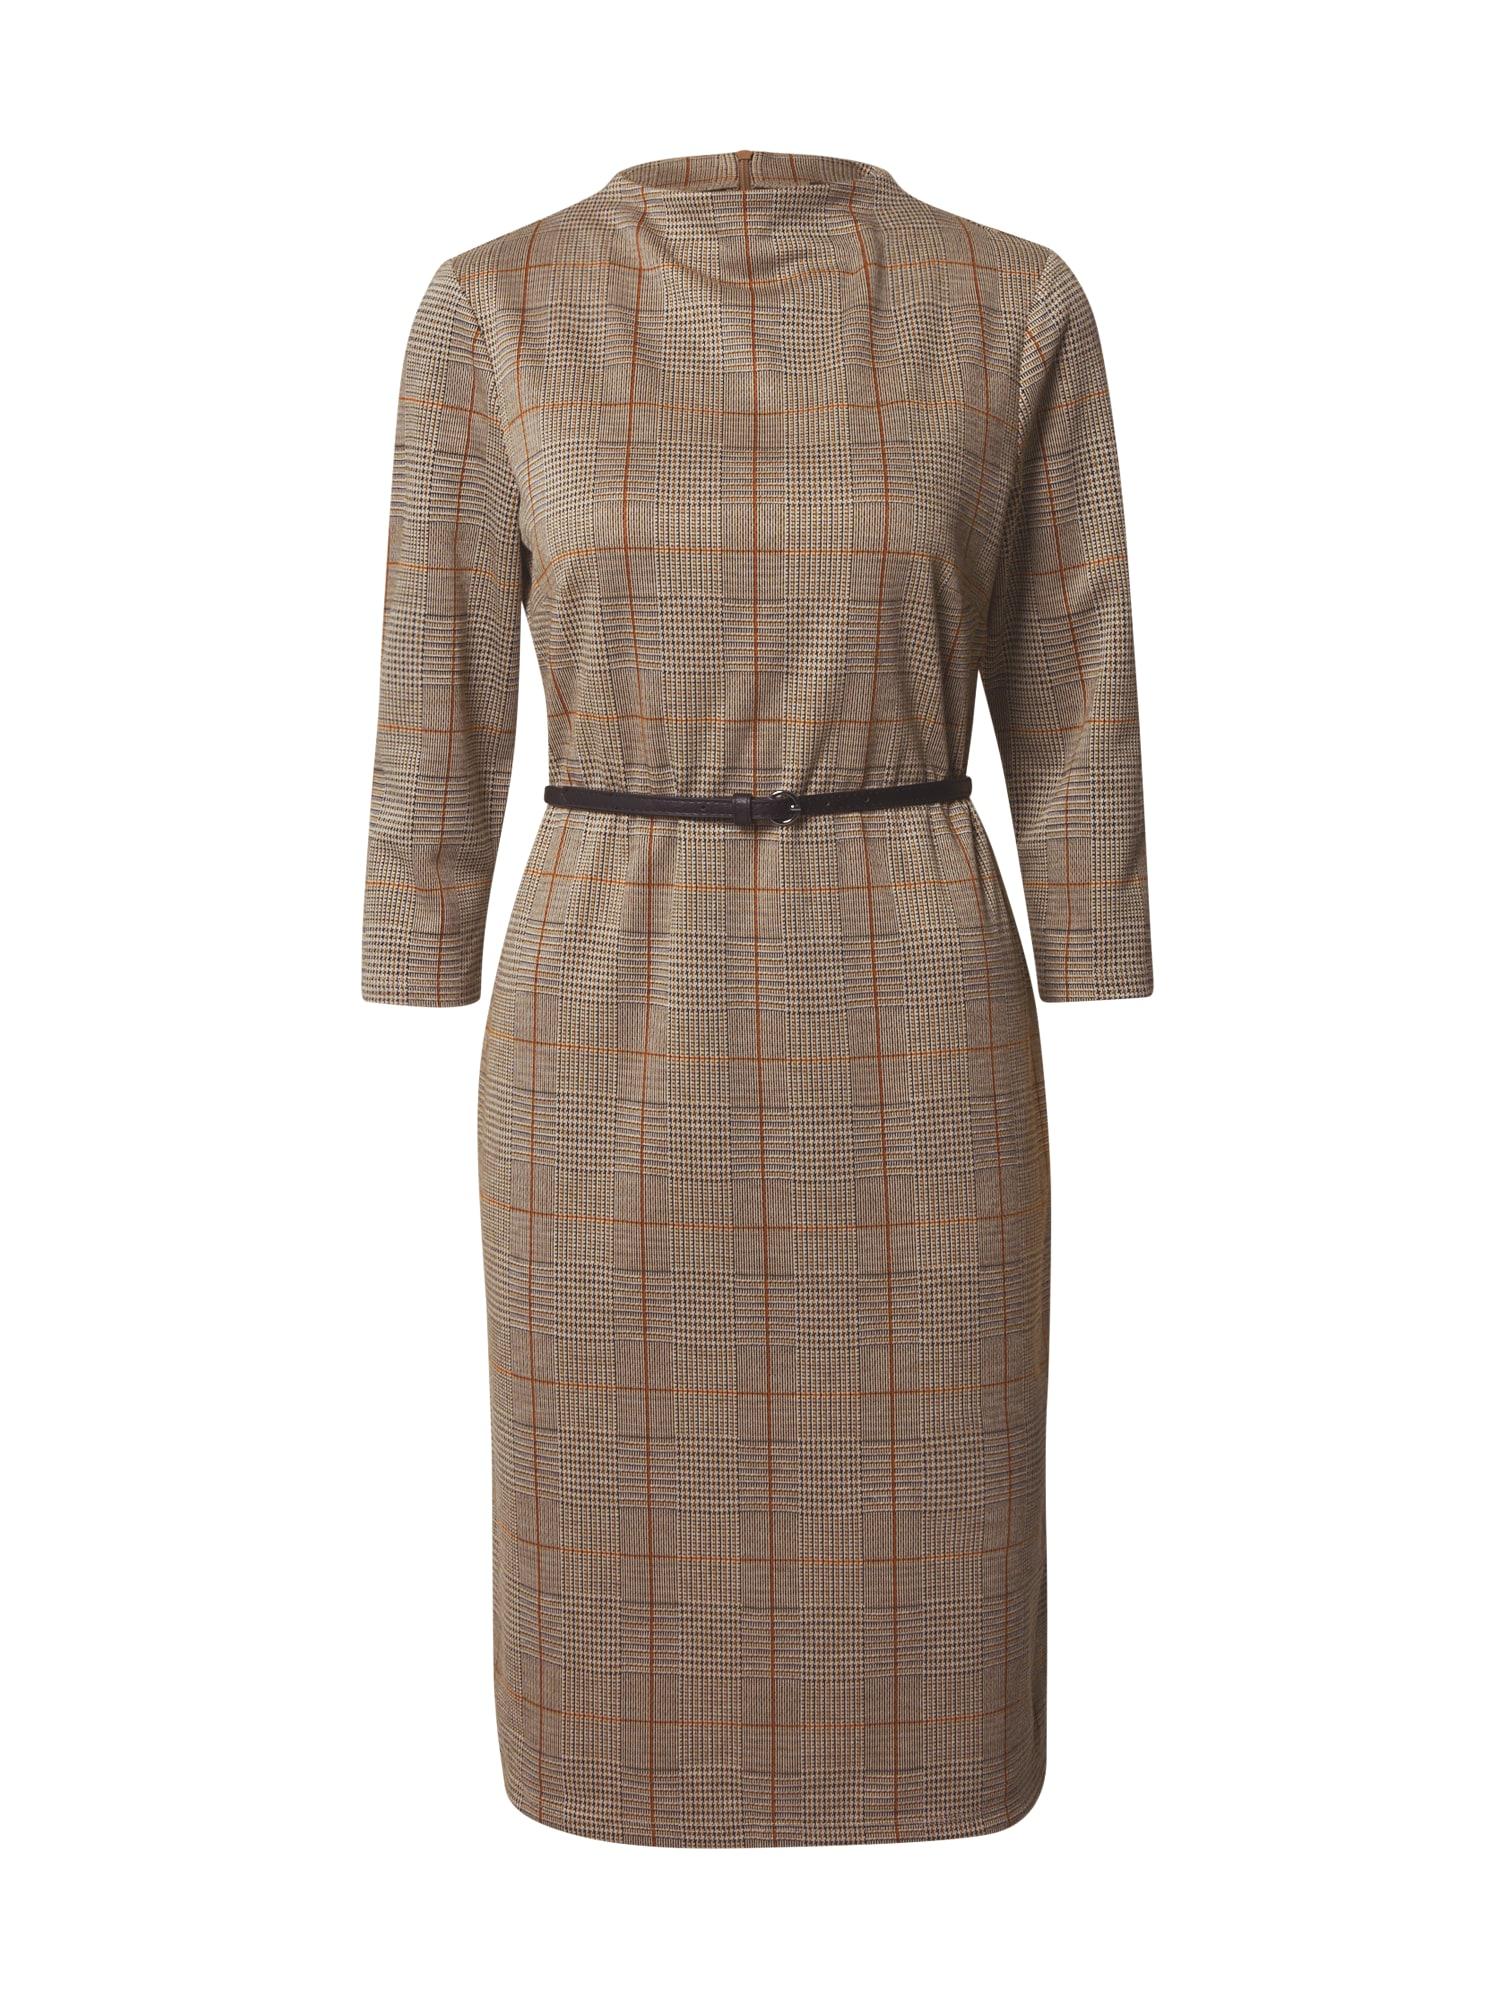 Esprit Collection Trumpa kokteilinė suknelė rausvai pilka / ruda / antracito